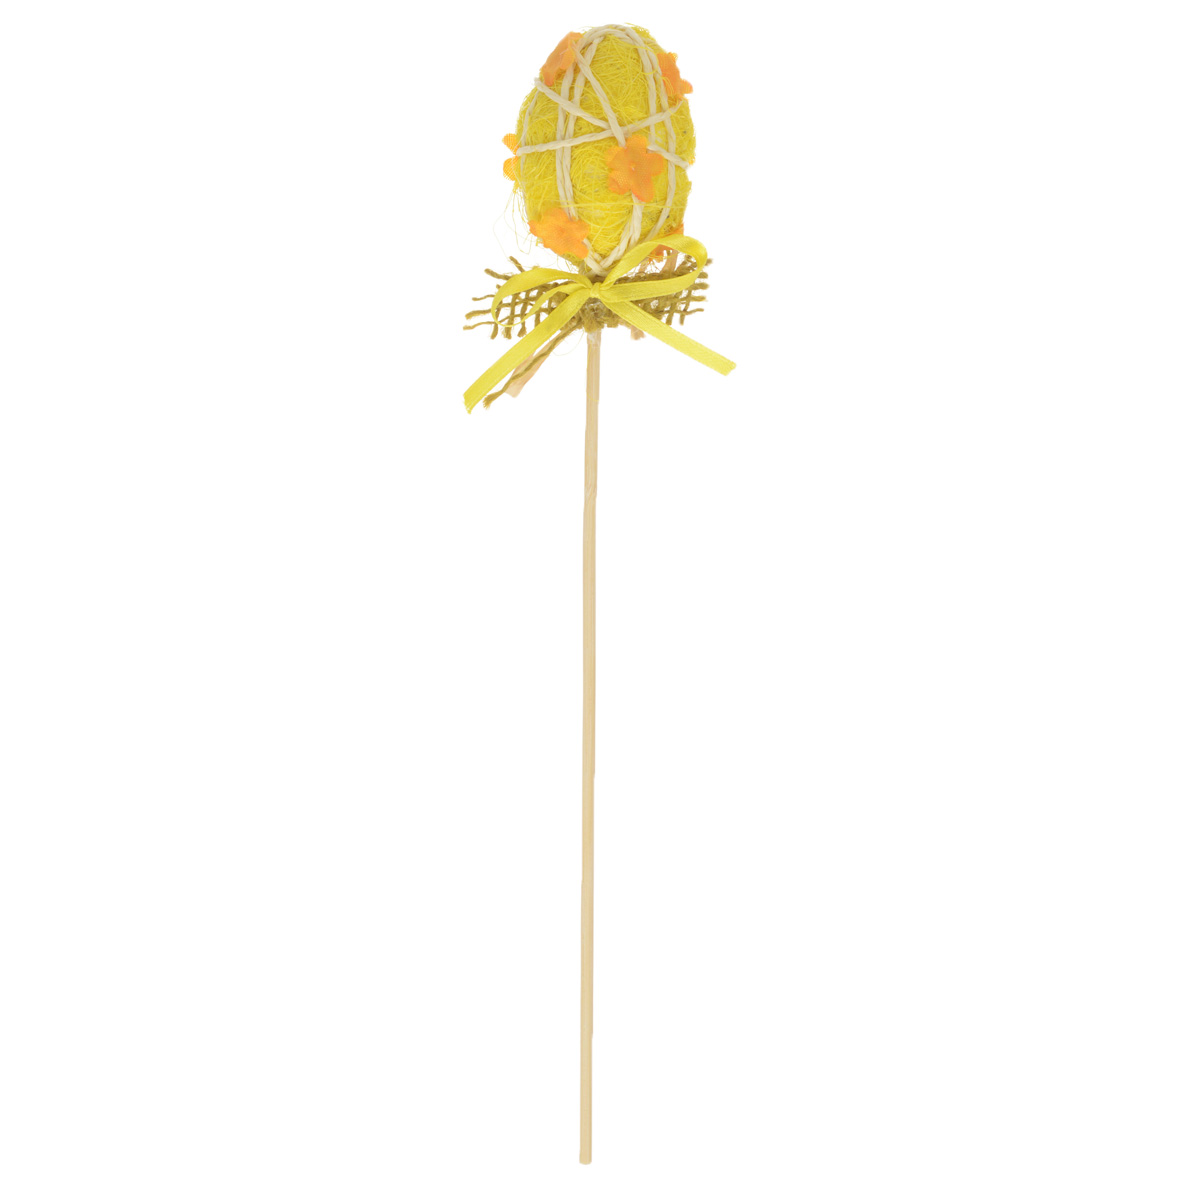 Декоративное украшение на ножке Home Queen Яйцо красивое, цвет: желтый, высота 20 см185492Декоративное украшение Home Queen Яйцо красивое выполнено из пенопласта в виде пасхального яйца на деревянной ножке, декорированного рельефными цветами. Изделие украшено лентой. Такое украшение прекрасно дополнит подарок для друзей или близких на Пасху. Высота: 20 см. Размер яйца: 5,5 см х 4,5 см.